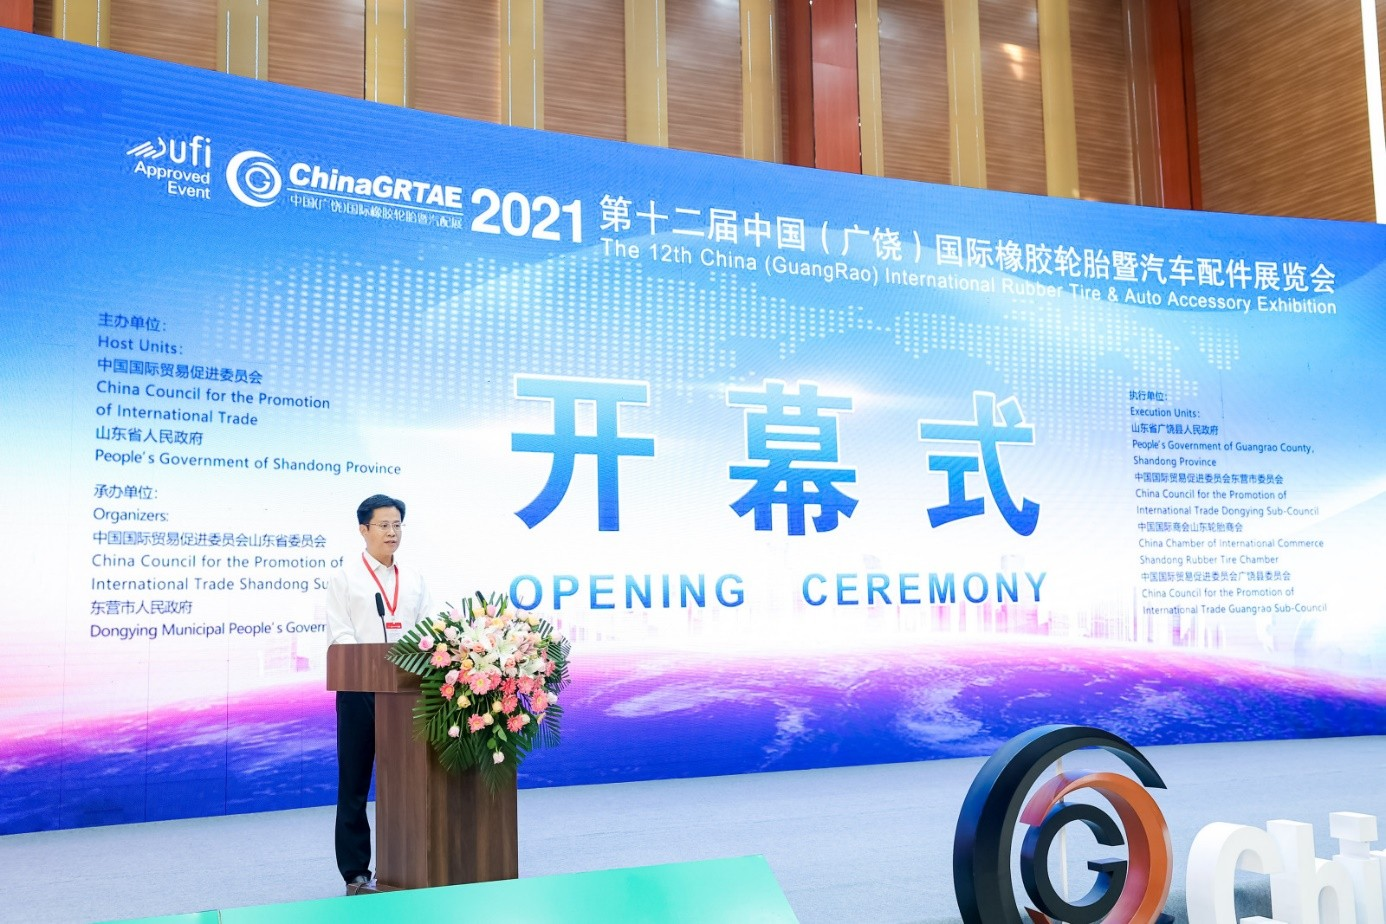 第十二届中国(广饶)国际橡胶轮胎暨汽车配件 展览会于9月8日隆重开幕